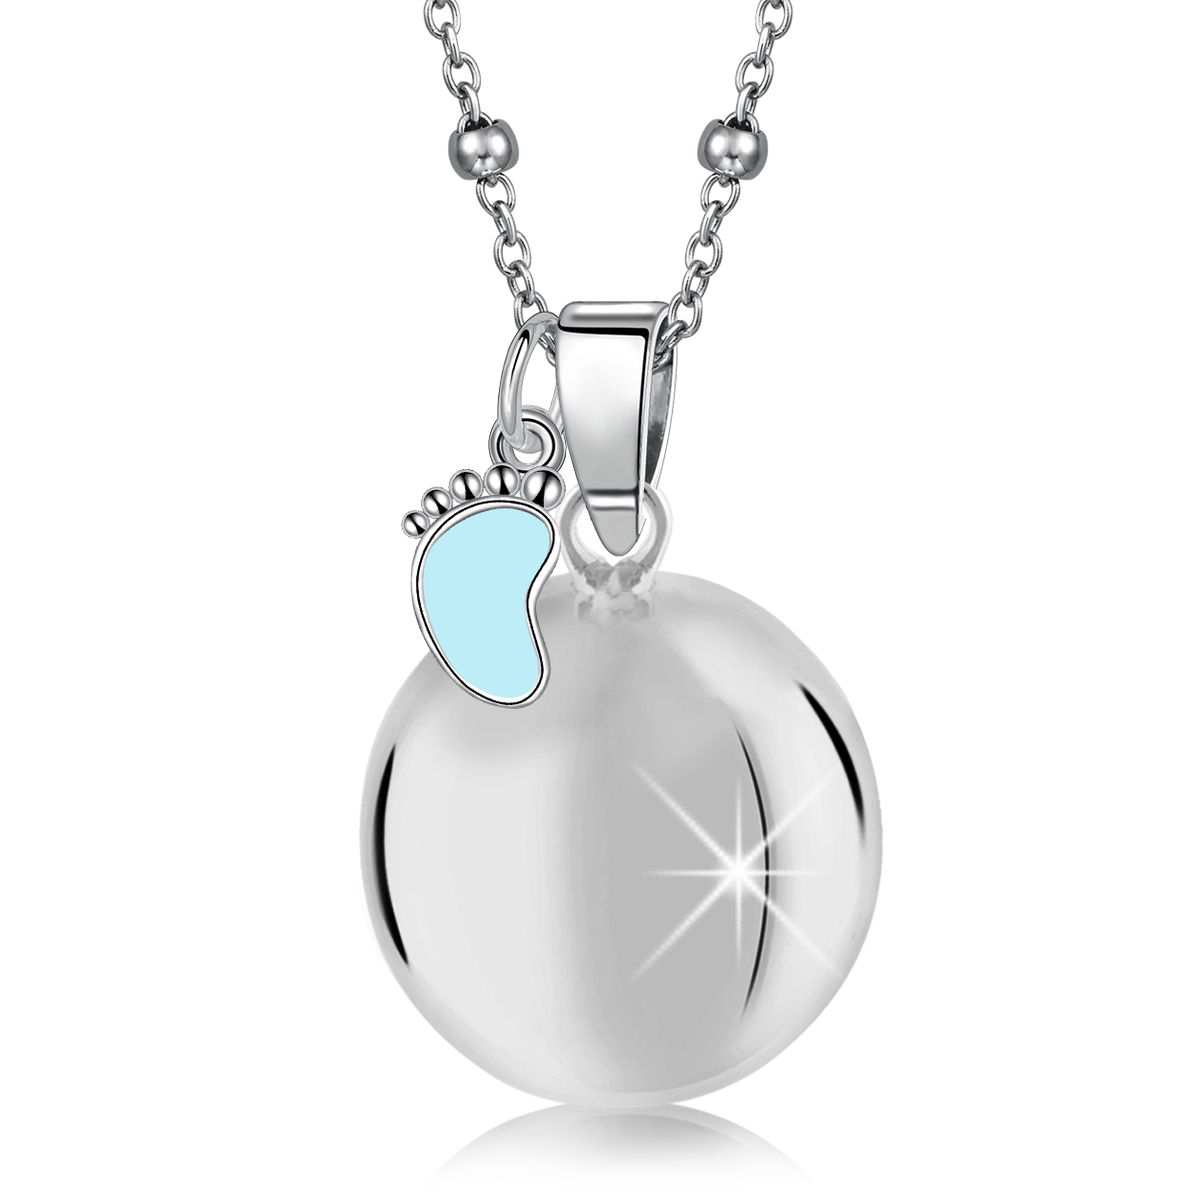 MAMIJUX® light blue enameled baby foot harmony ball